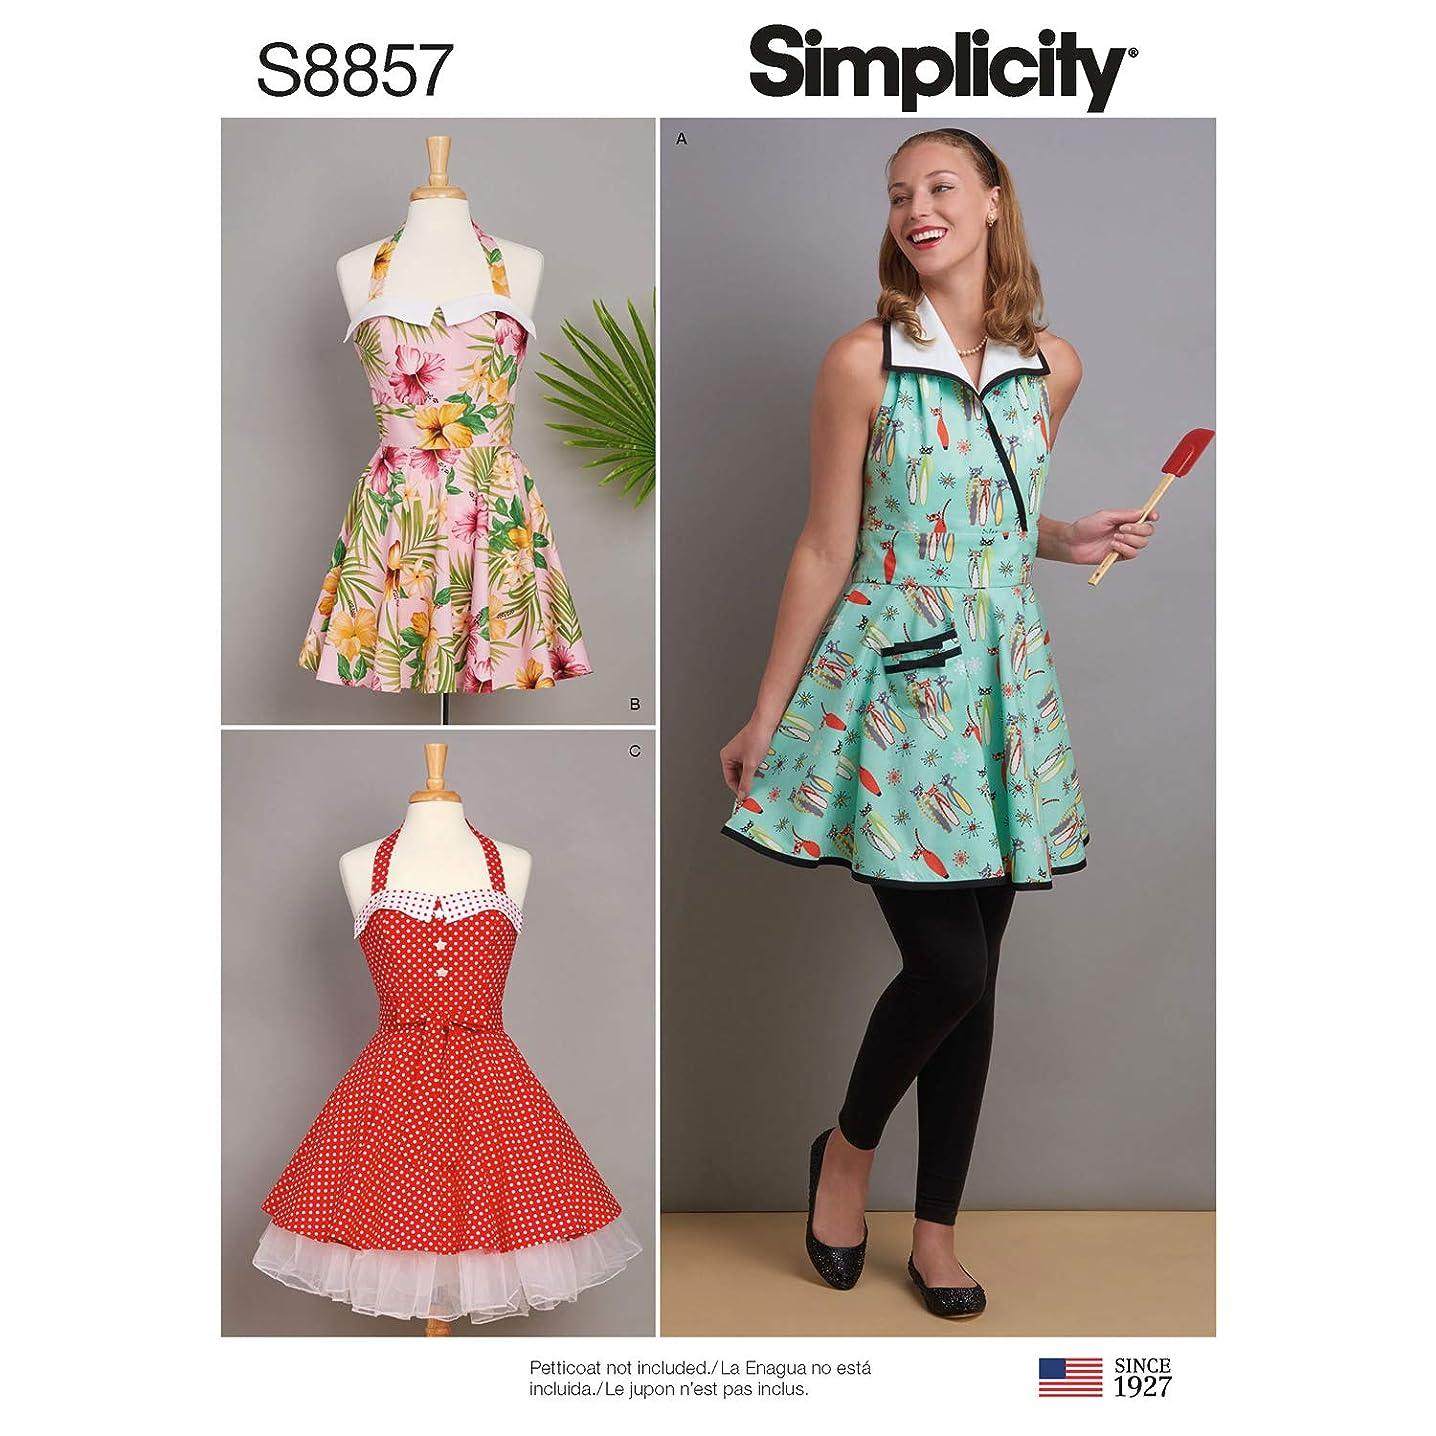 Simplicity US8857A Pattern S8857 Misses' Aprons, A (A (S-M-L)